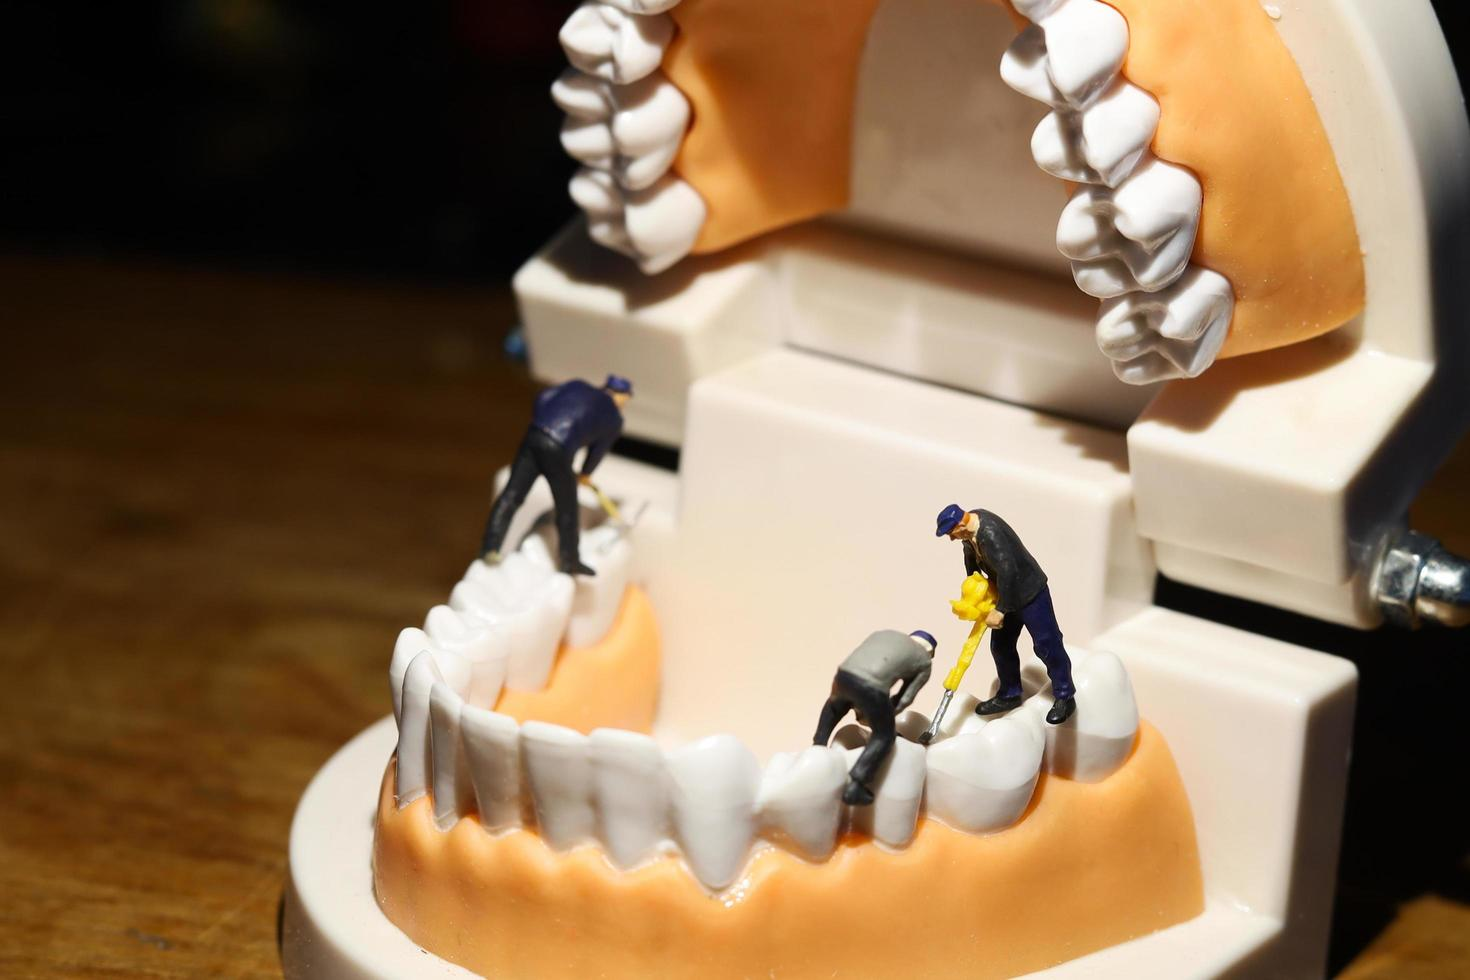 Miniature figurines drilling teeth photo